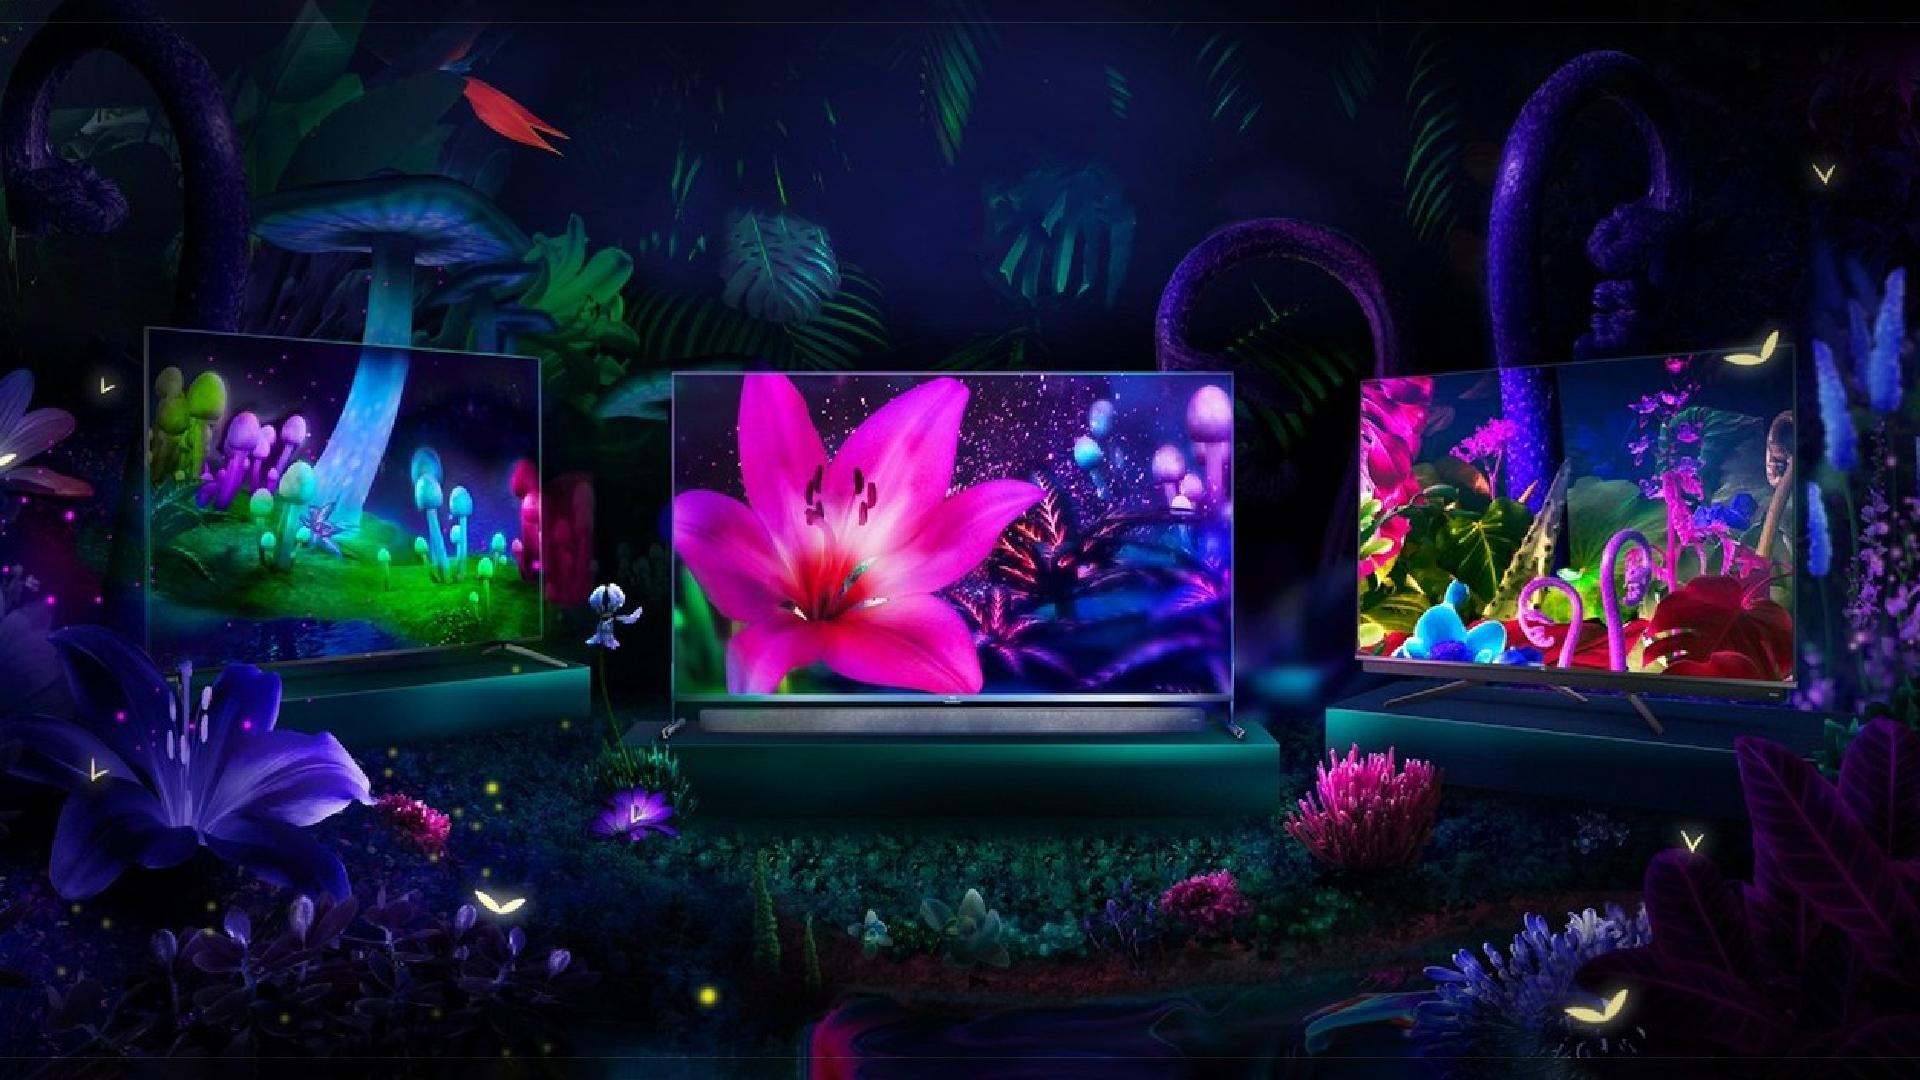 TCL bringt eine Reihe von QLED 8K- und 4K-Fernsehern mit Kinotechnik auf den Markt